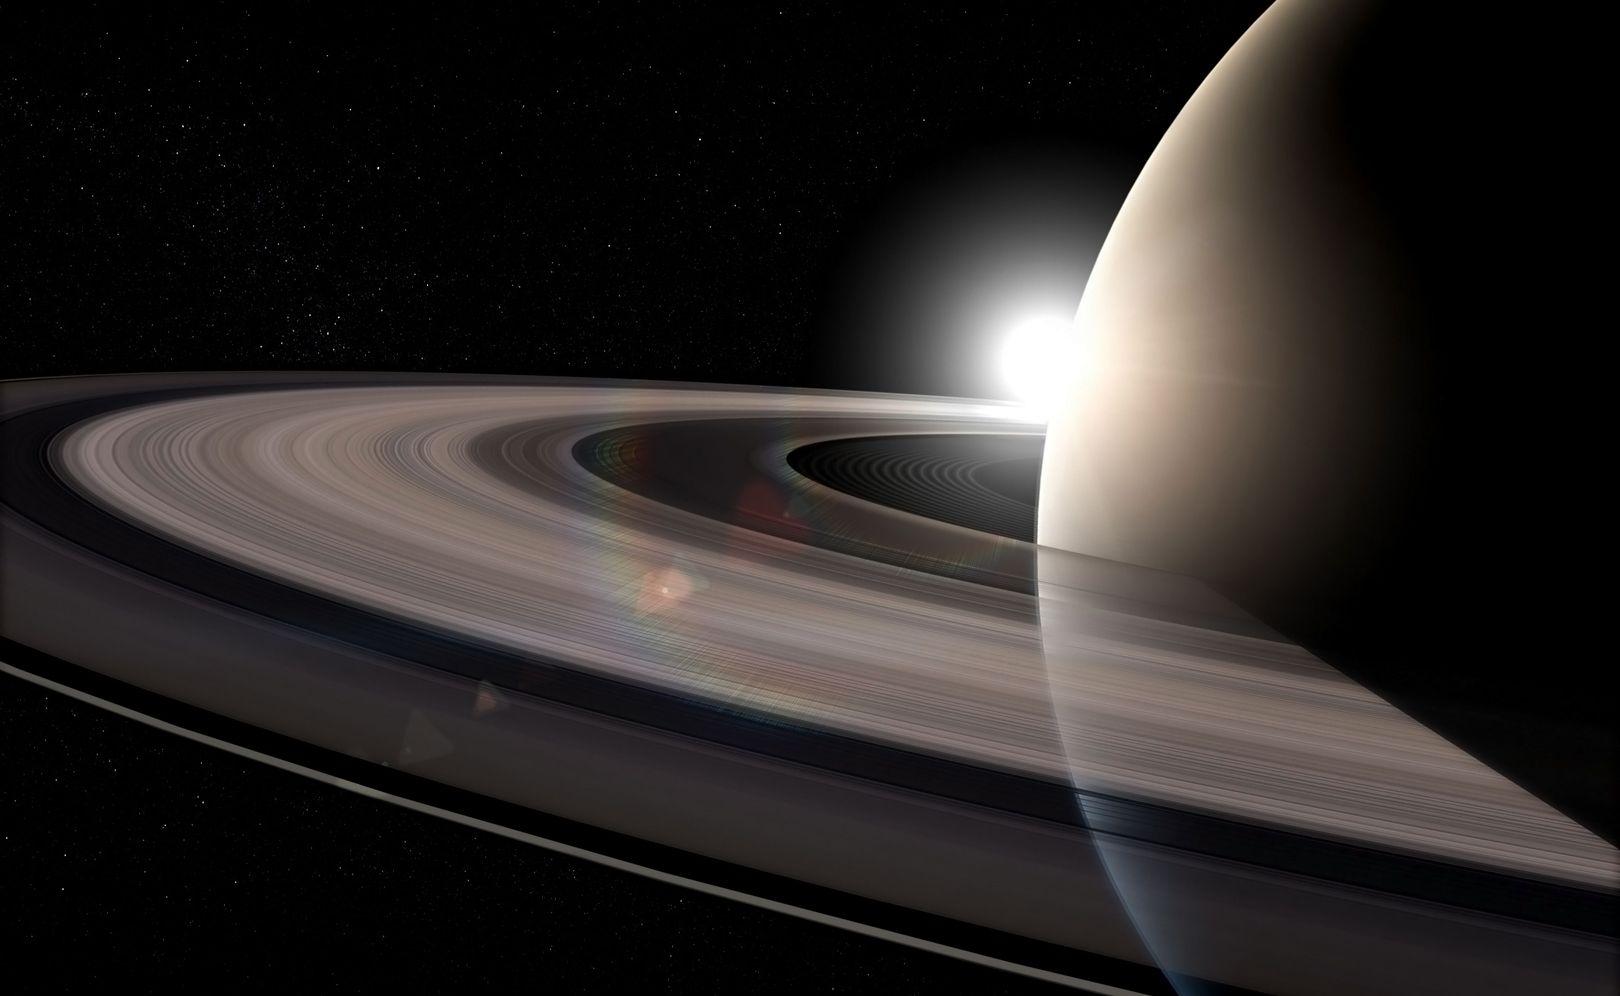 Saturne bascule à cause de ses satellites [Vidéo]